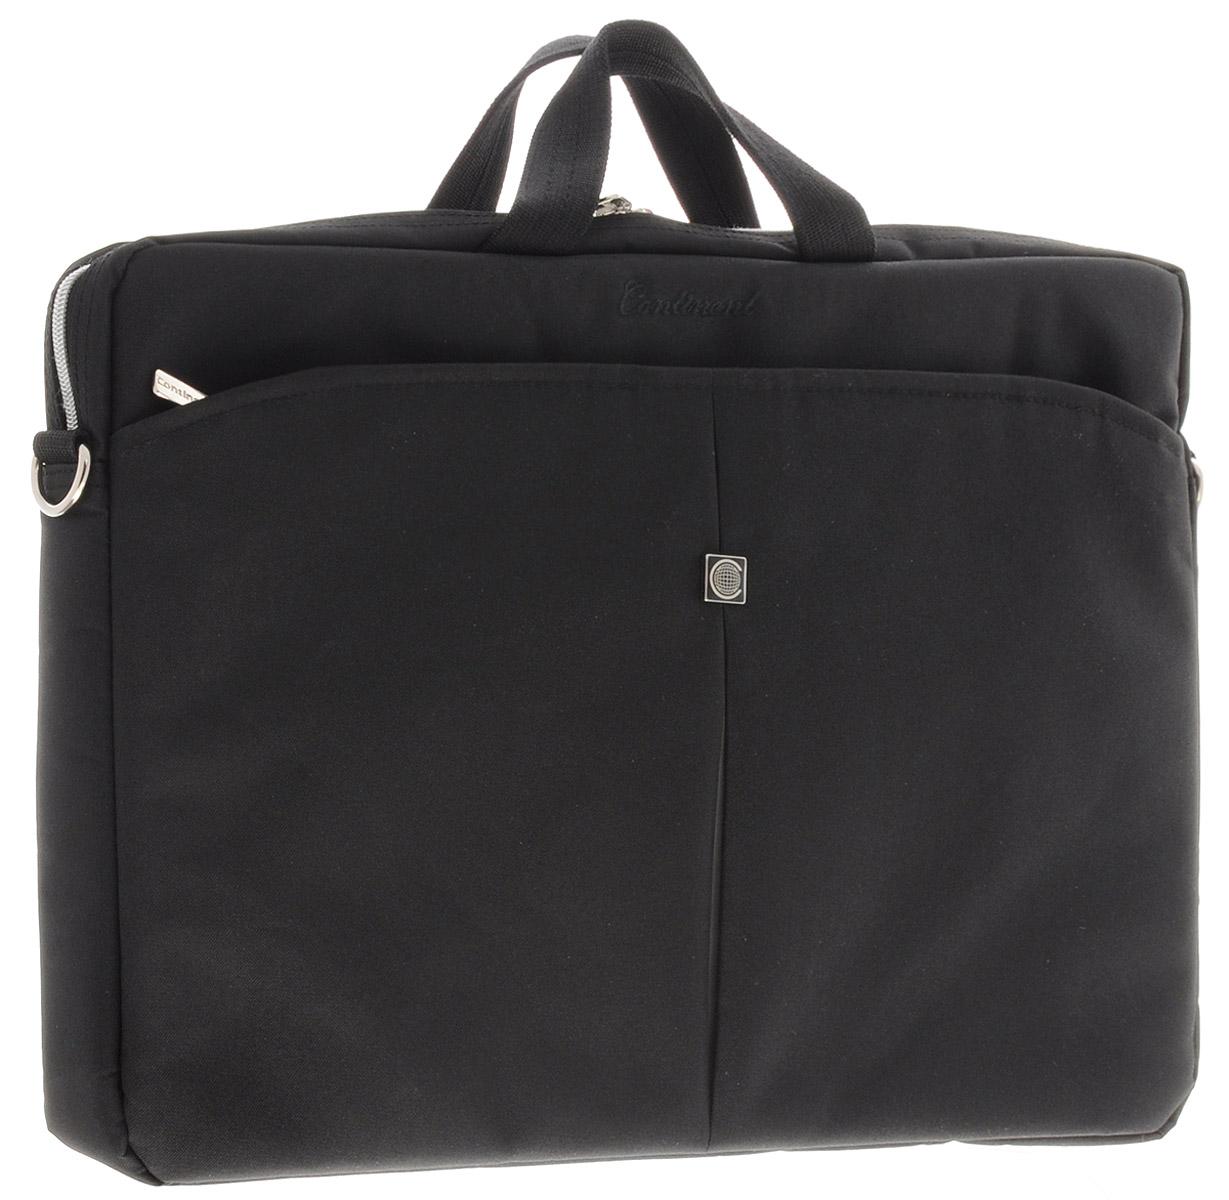 Continent CC-01, Black Silver сумка для ноутбука 15,6CC-01 Black/SilverЛегкая сумка для ноутбука Continent CC-01 с вертикальной загрузкой. Стенки сделаны из пенообразного материала для защиты ноутбука. Карман-органайзер застегивается на молнию. Удобный плечевой ремень.